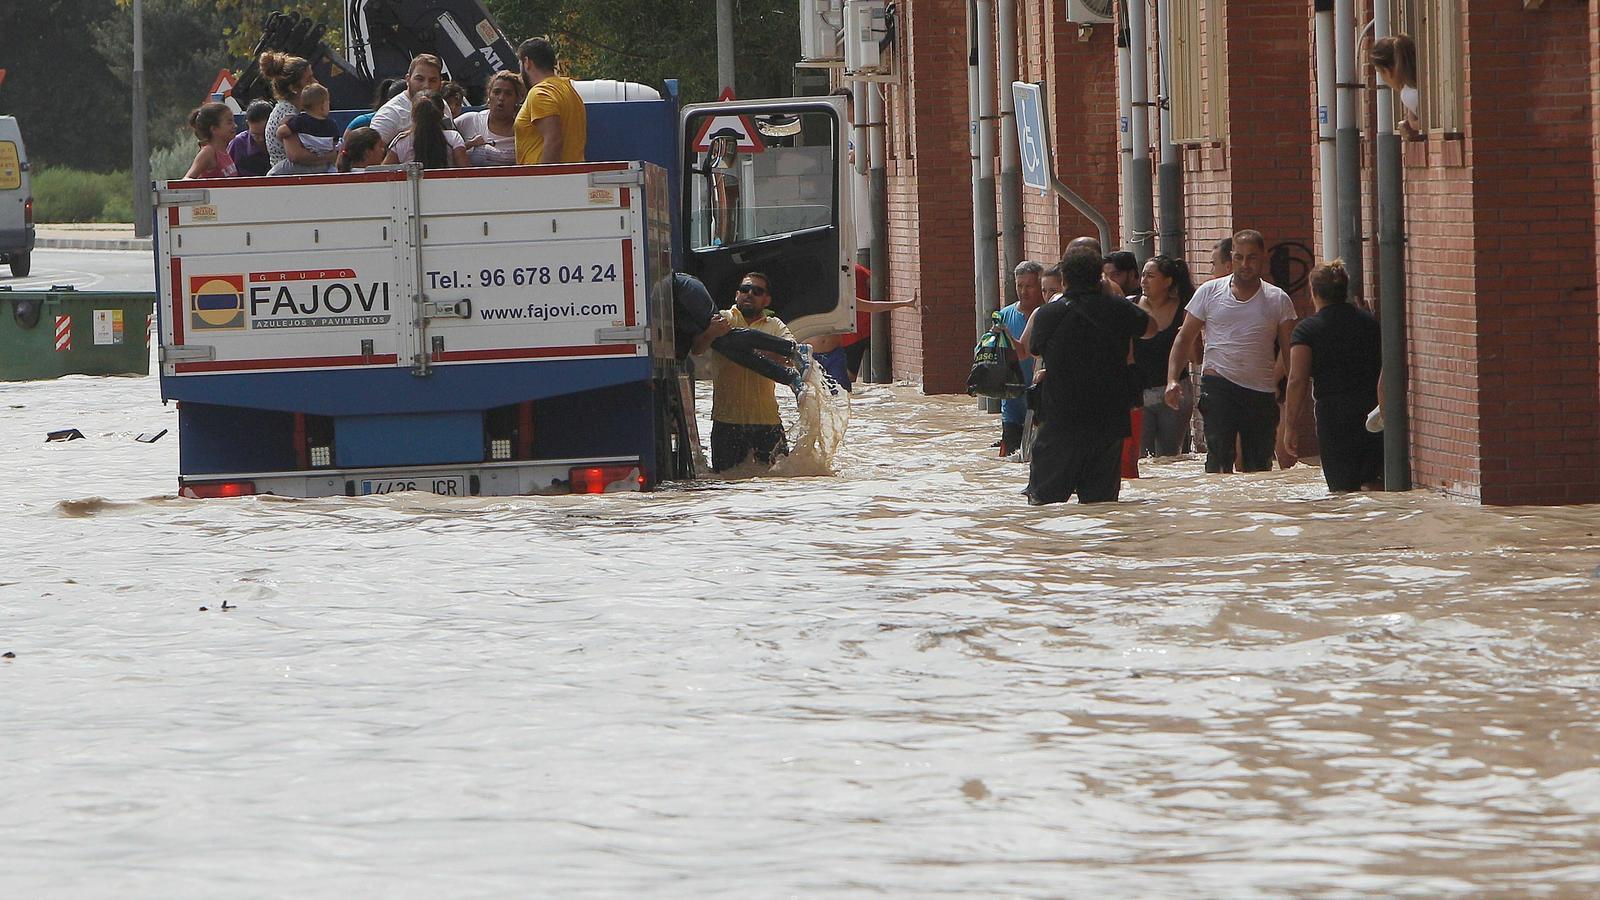 Inundacions devastadores deixen cinc morts i 3.500 desallotjats